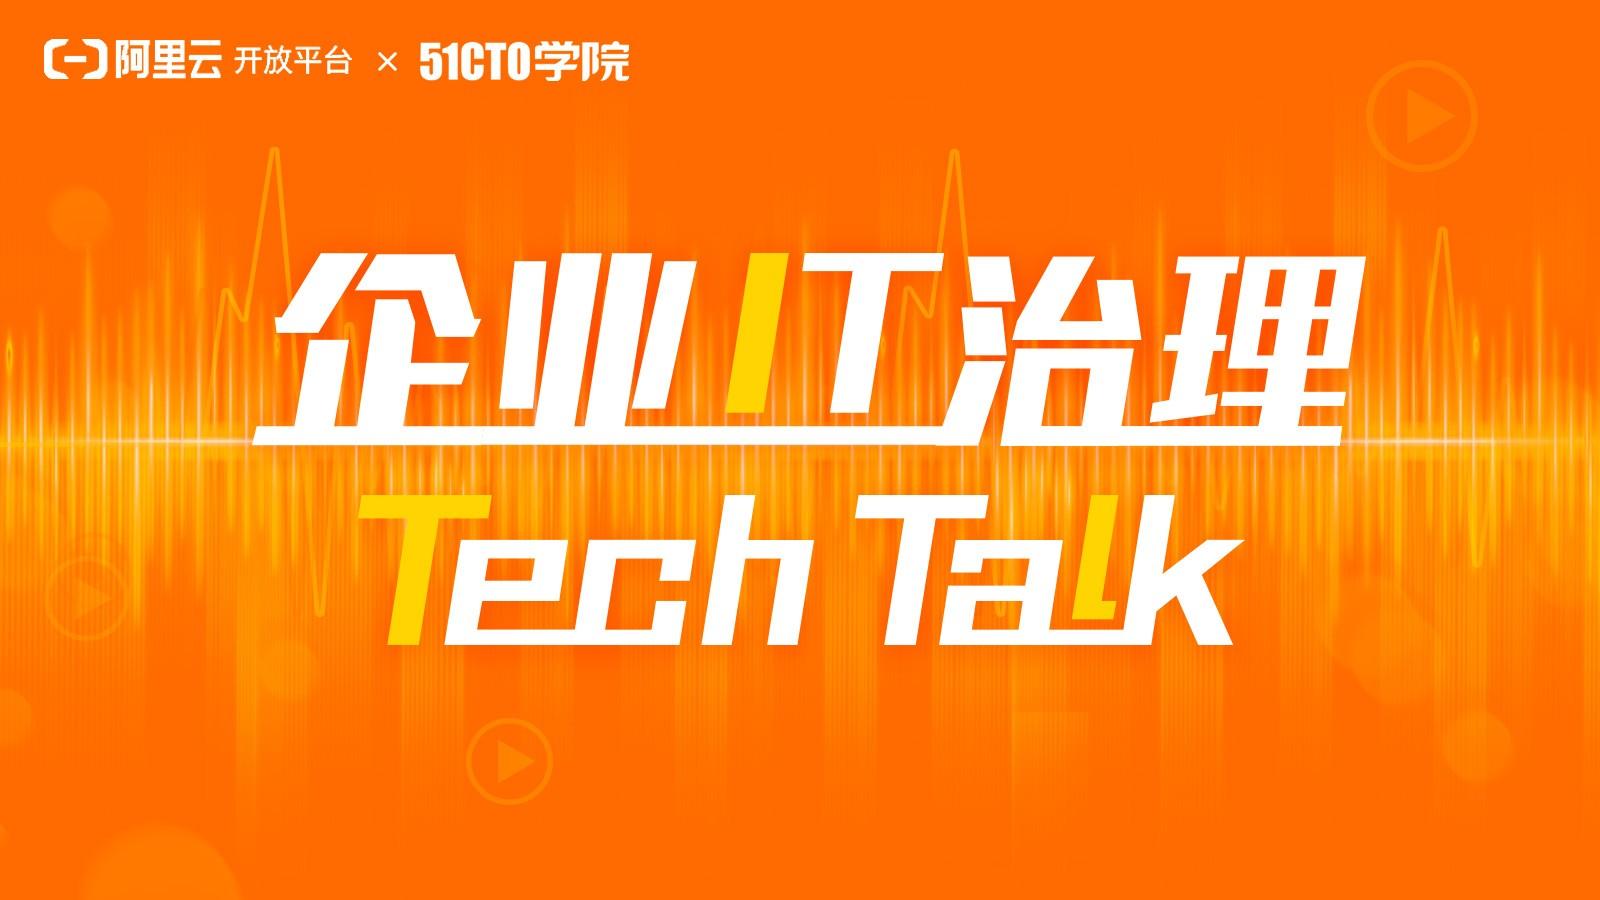 企业IT治理-Tech Talk 系列课程